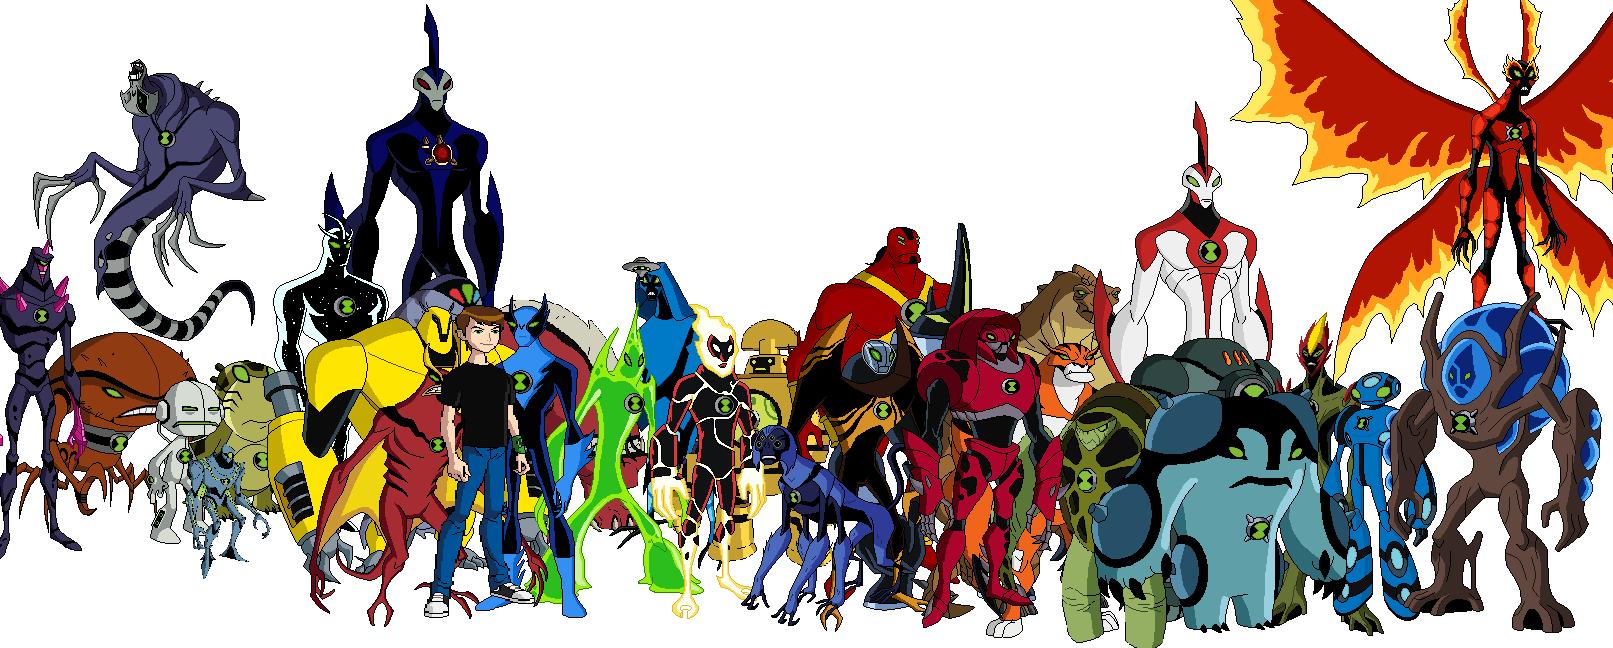 Ben 10 god ben 10 fan fiction wiki fandom powered by wikia - Ben 10 tous les aliens ...